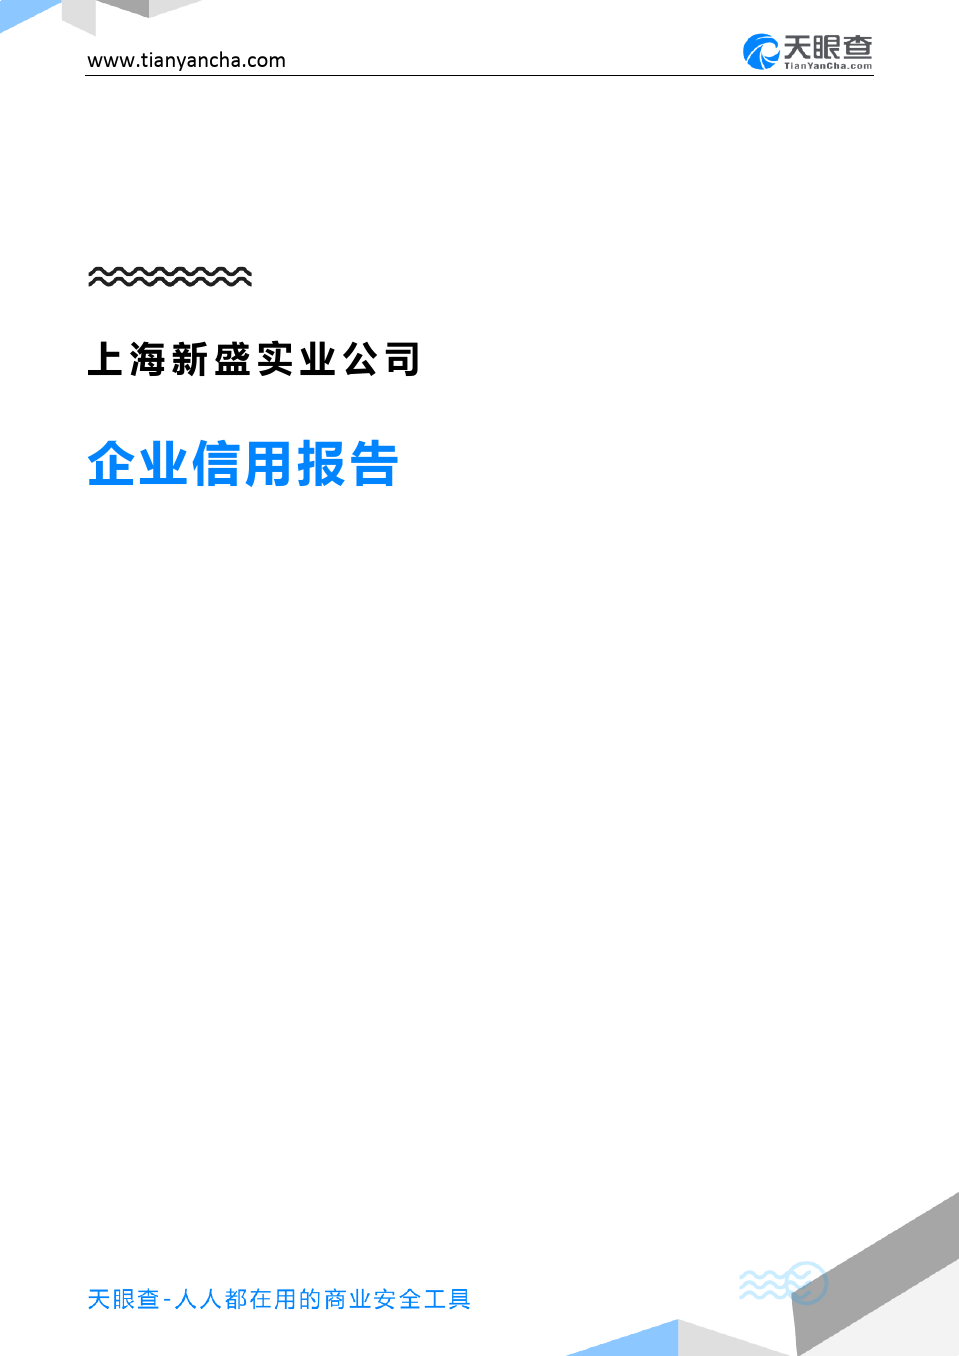 上海新盛实业公司企业信用报告-天眼查